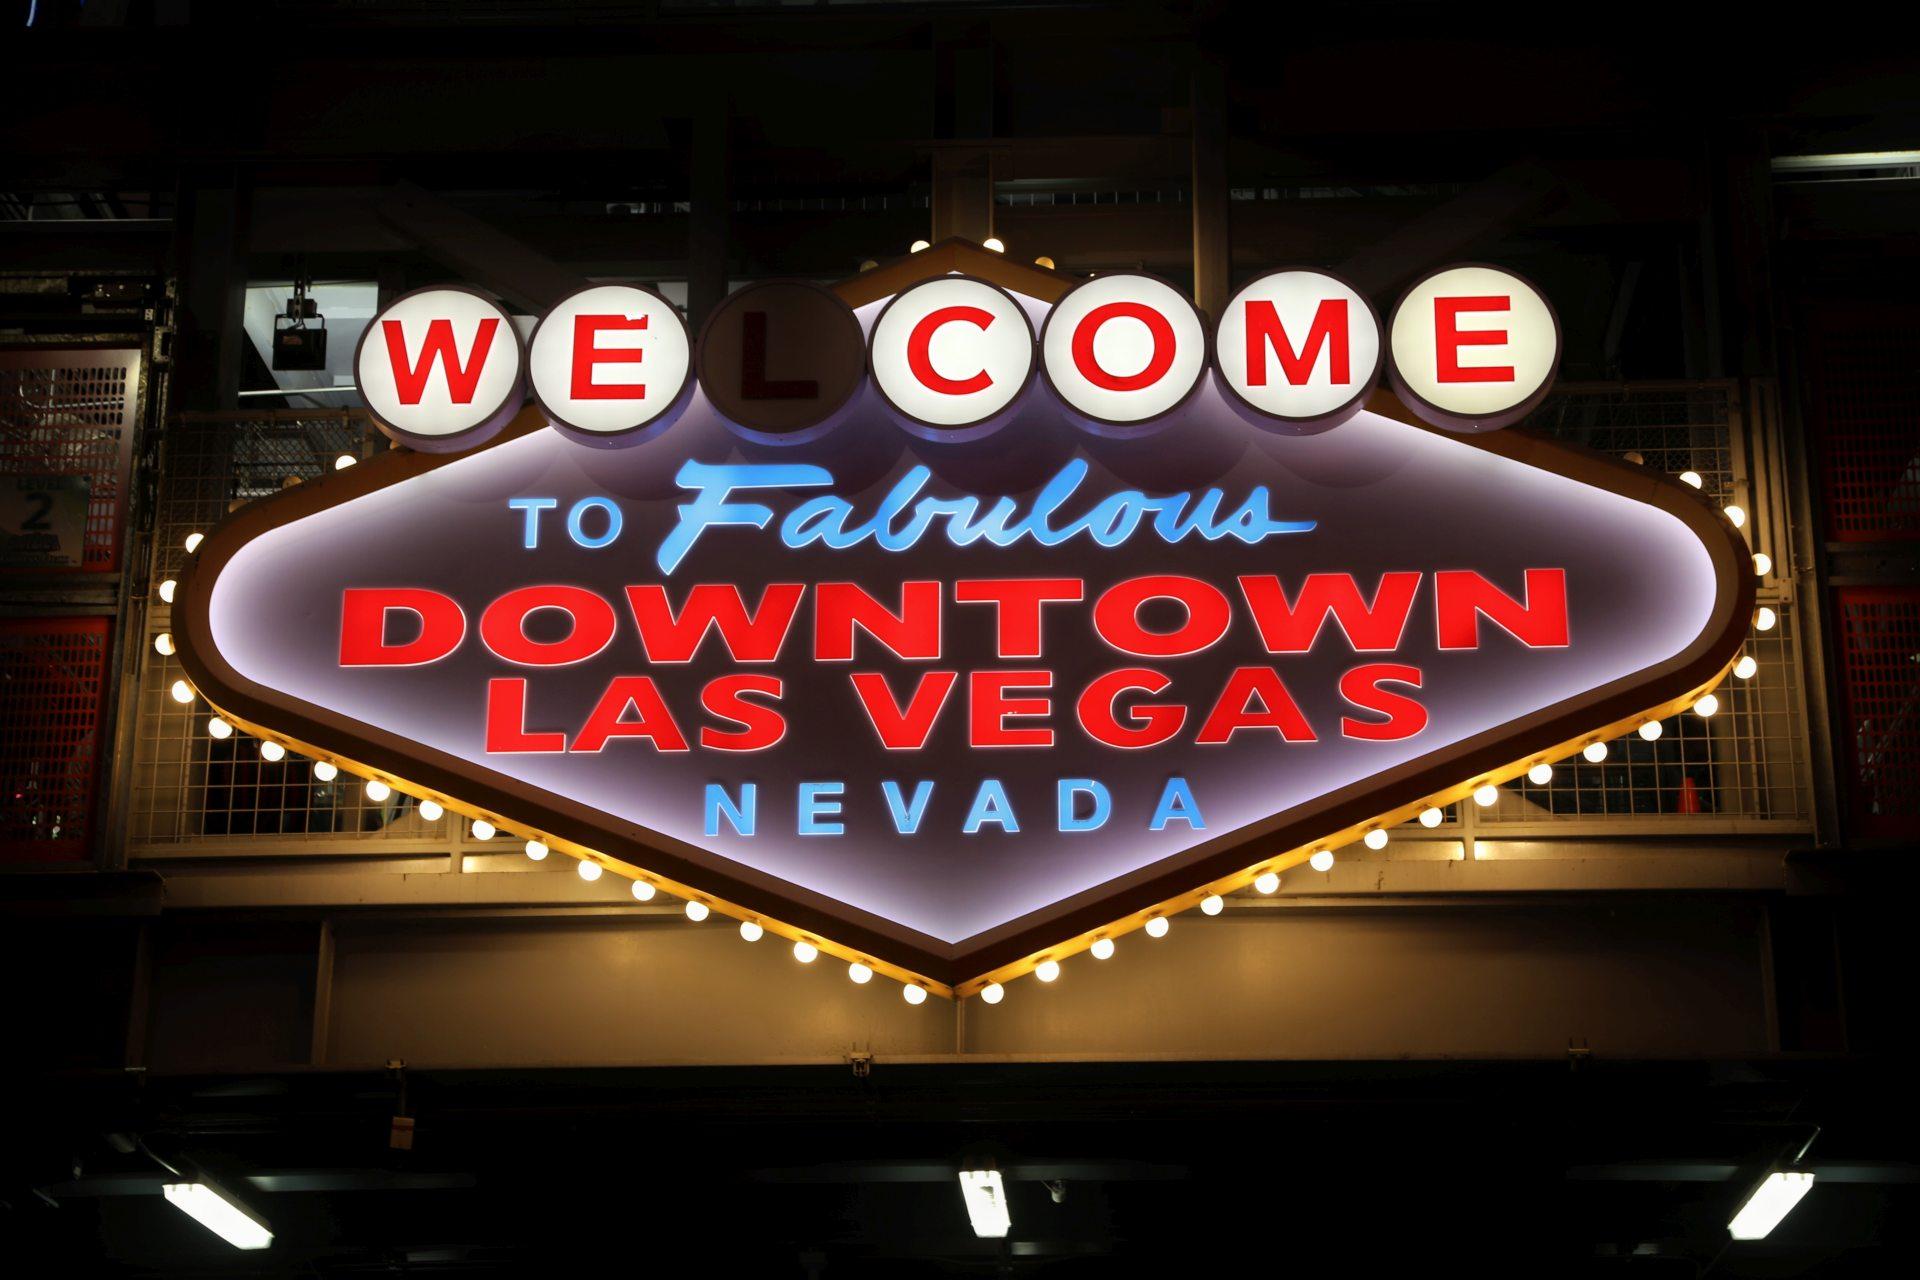 Downtown Las Vegas! - Beschilderung, Las Vegas, Leuchtschilder, Lichtreklame, Nevada, Werbeschilder - (Las Vegas DownTown, Las Vegas, Nevada, Vereinigte Staaten)